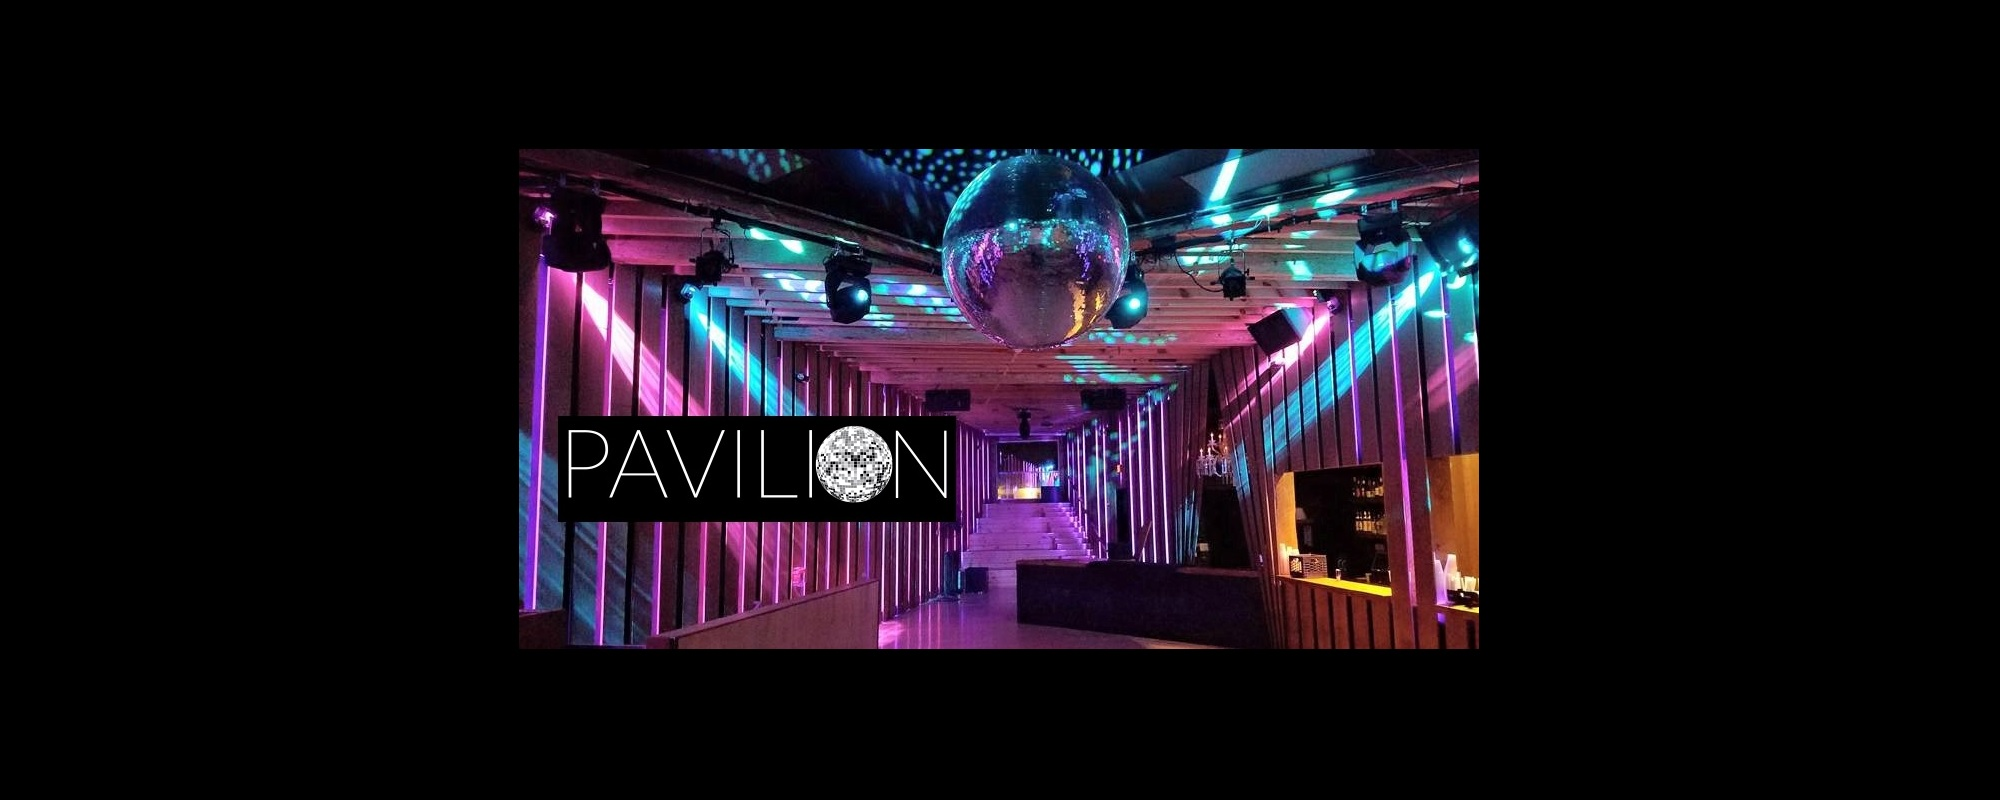 Pavilion-HomePageBannerMain